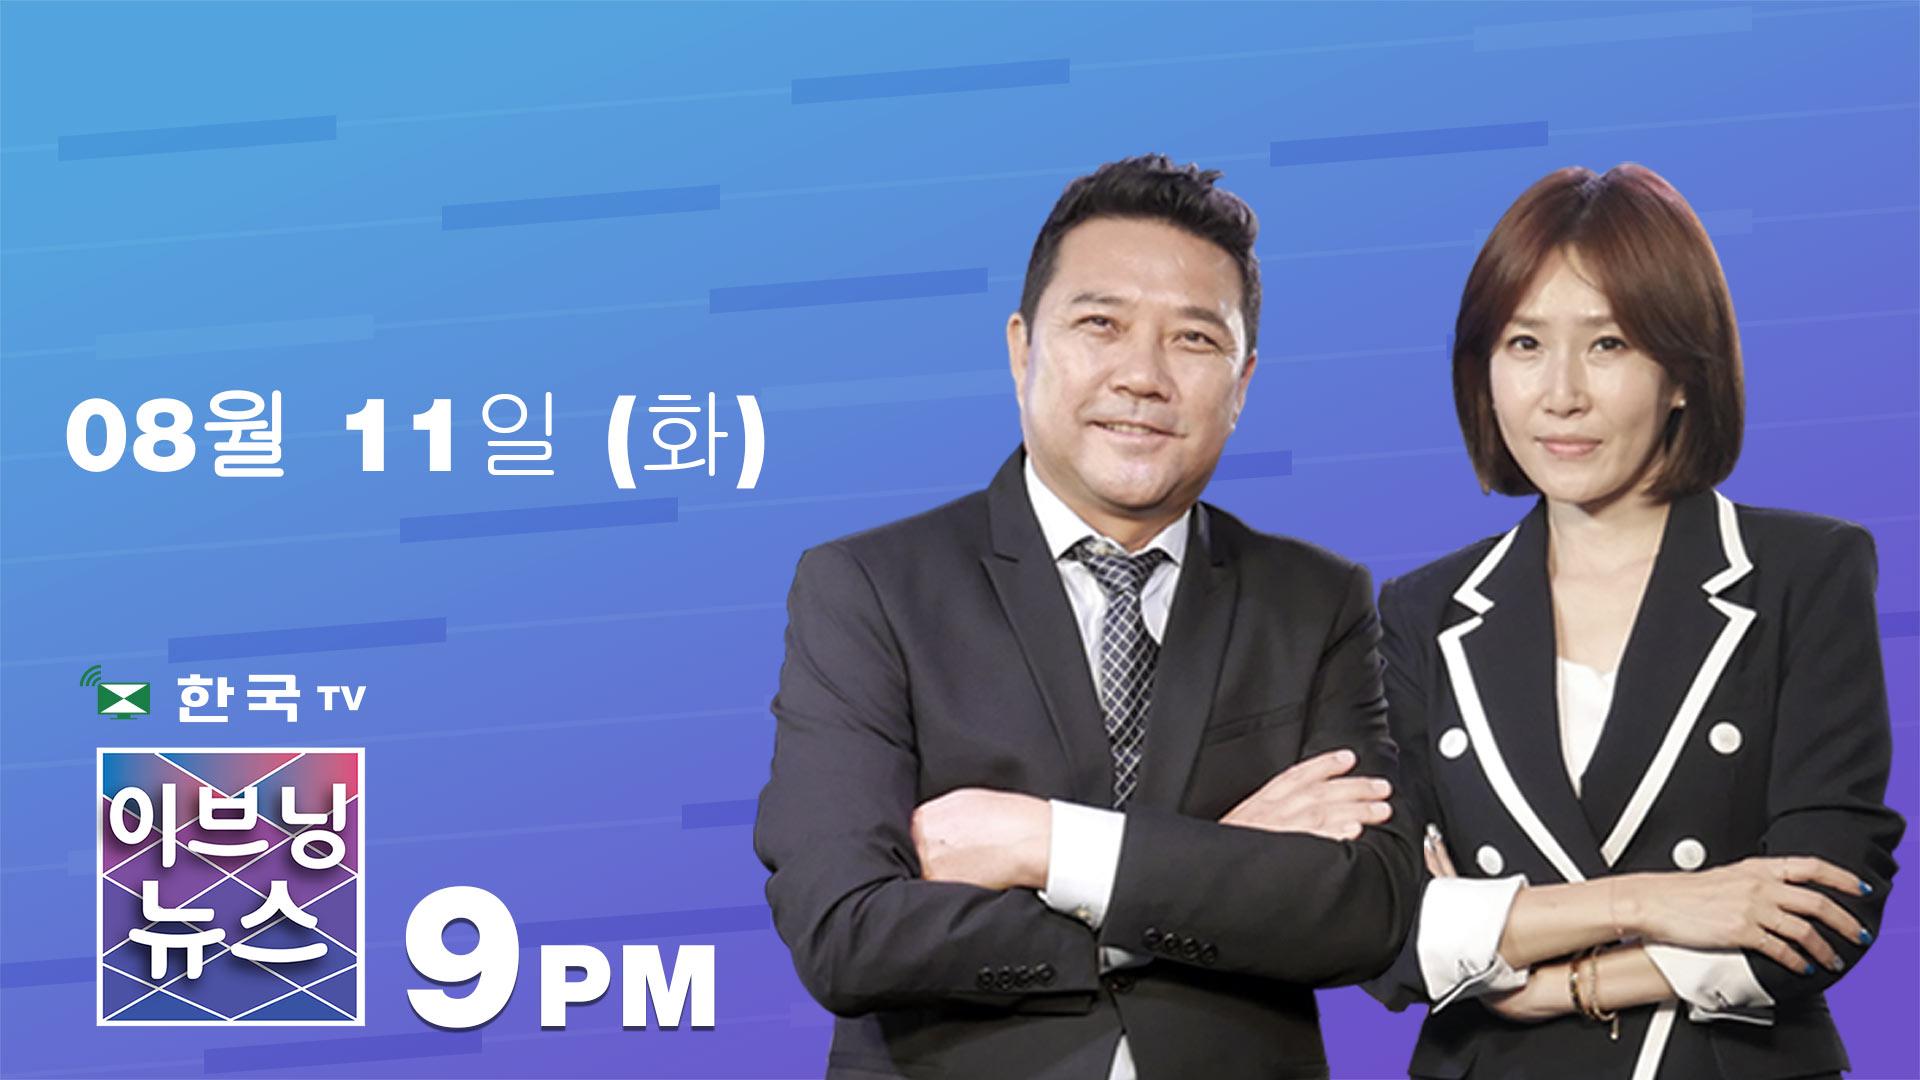 (08.11.2020) 한국TV 이브닝 뉴스